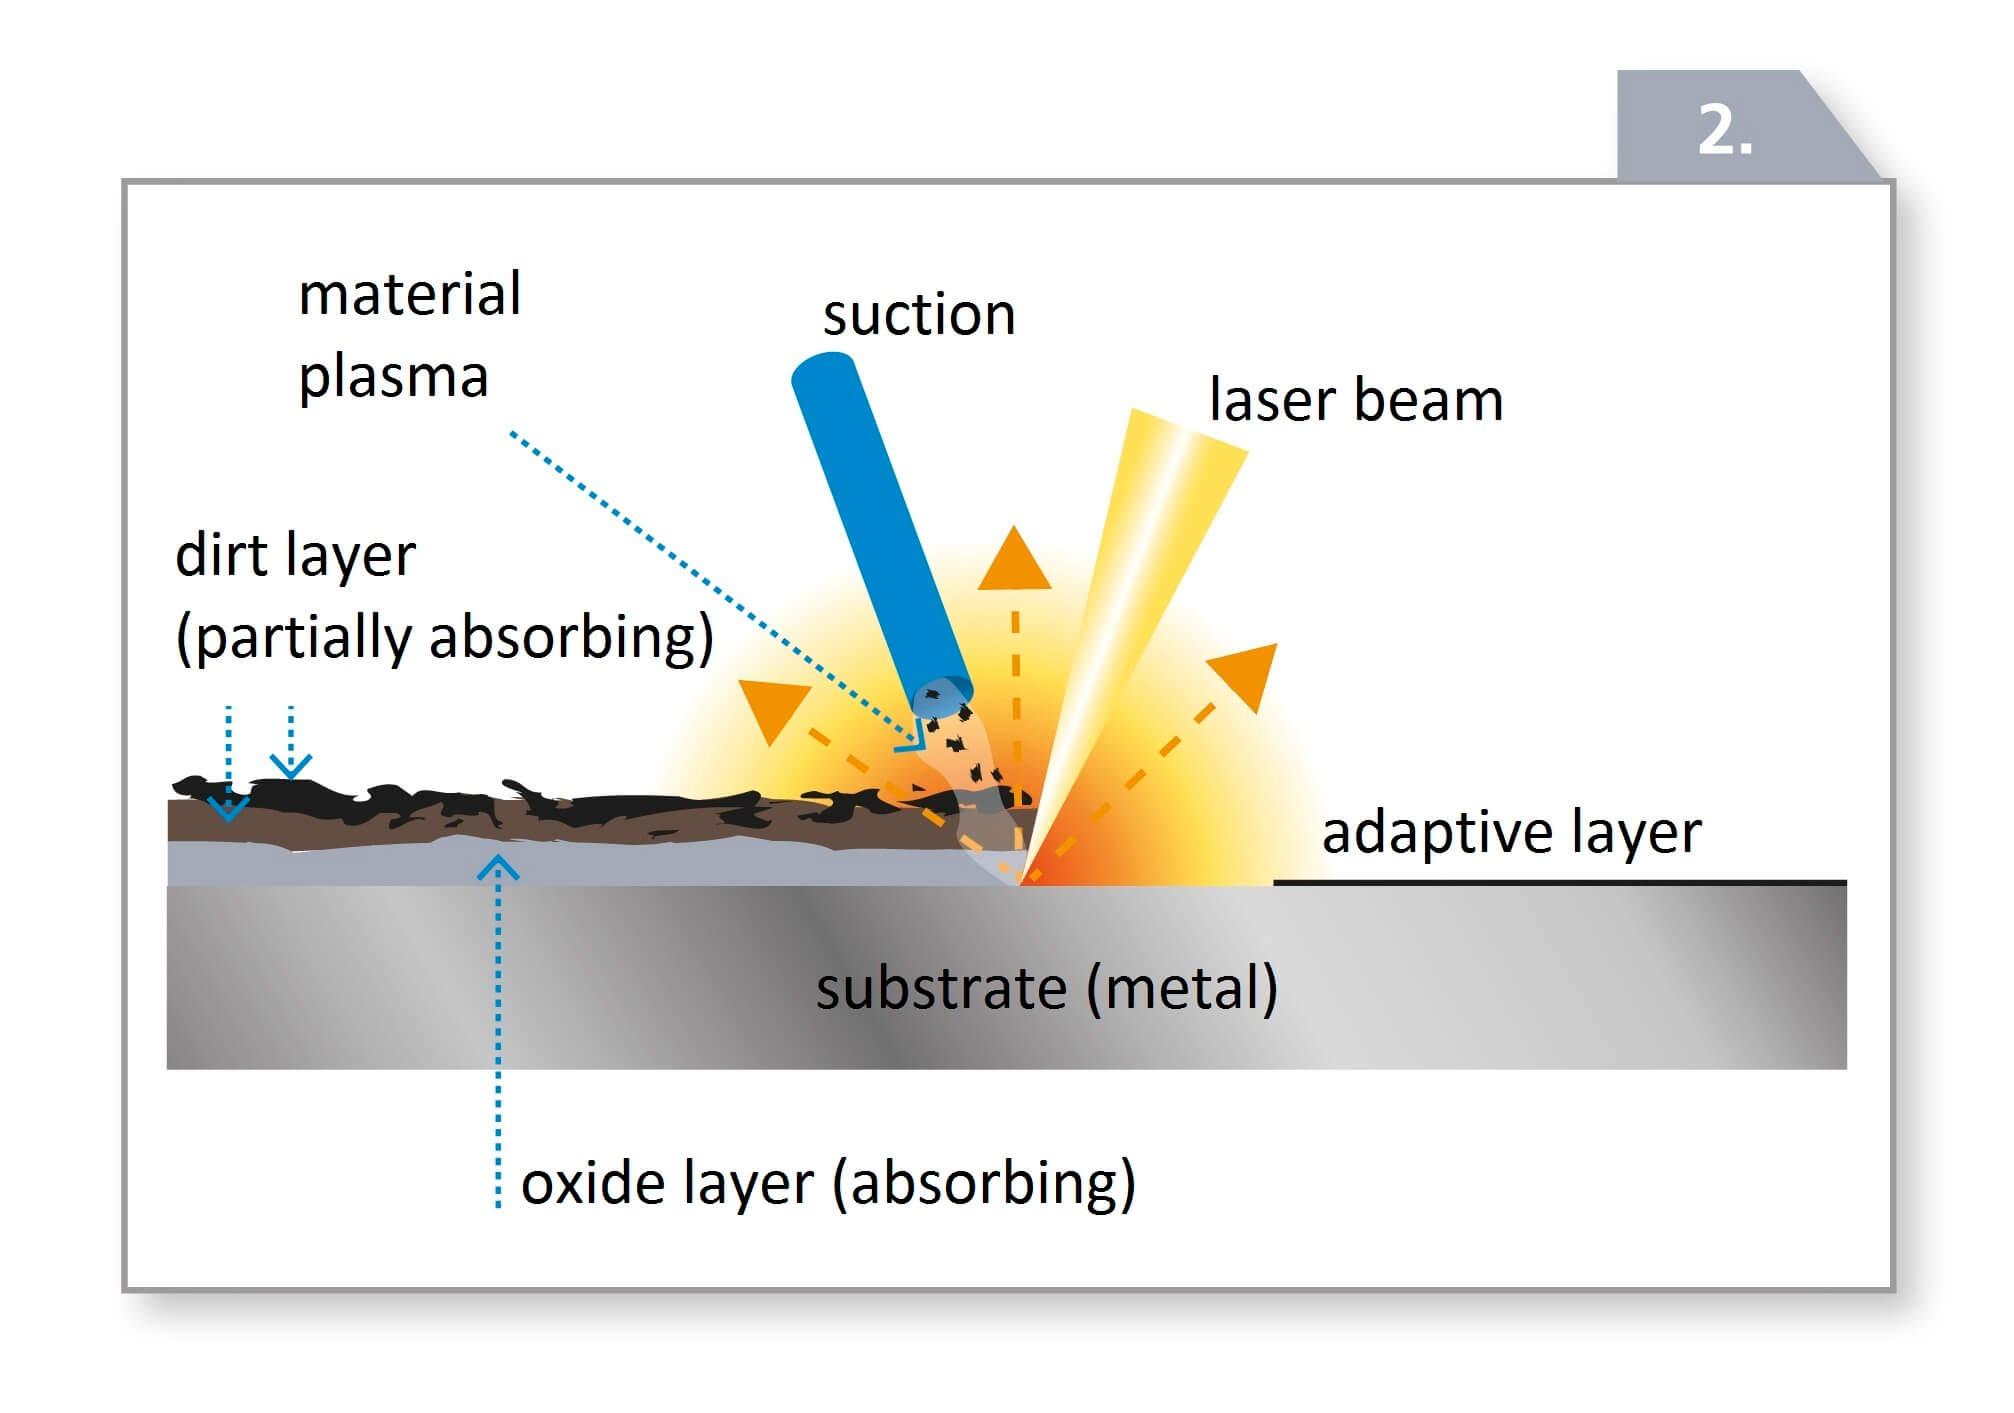 Schaubild Laserreinigung einer kontaminierten Oberflaeche englisch